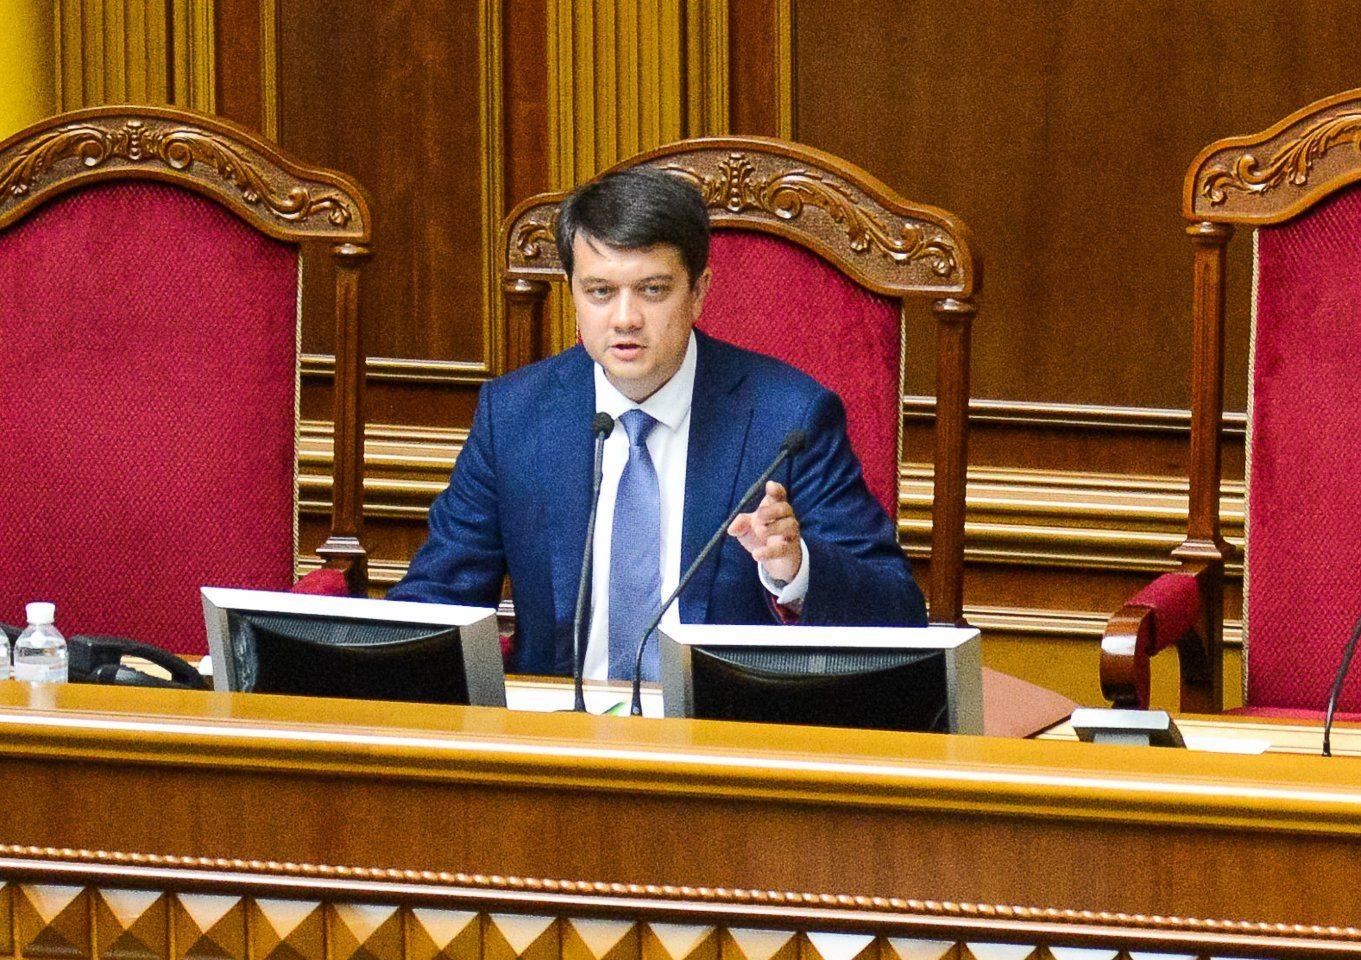 Рада отправила в КСУ законопроект об упразднении мажоритарной системы